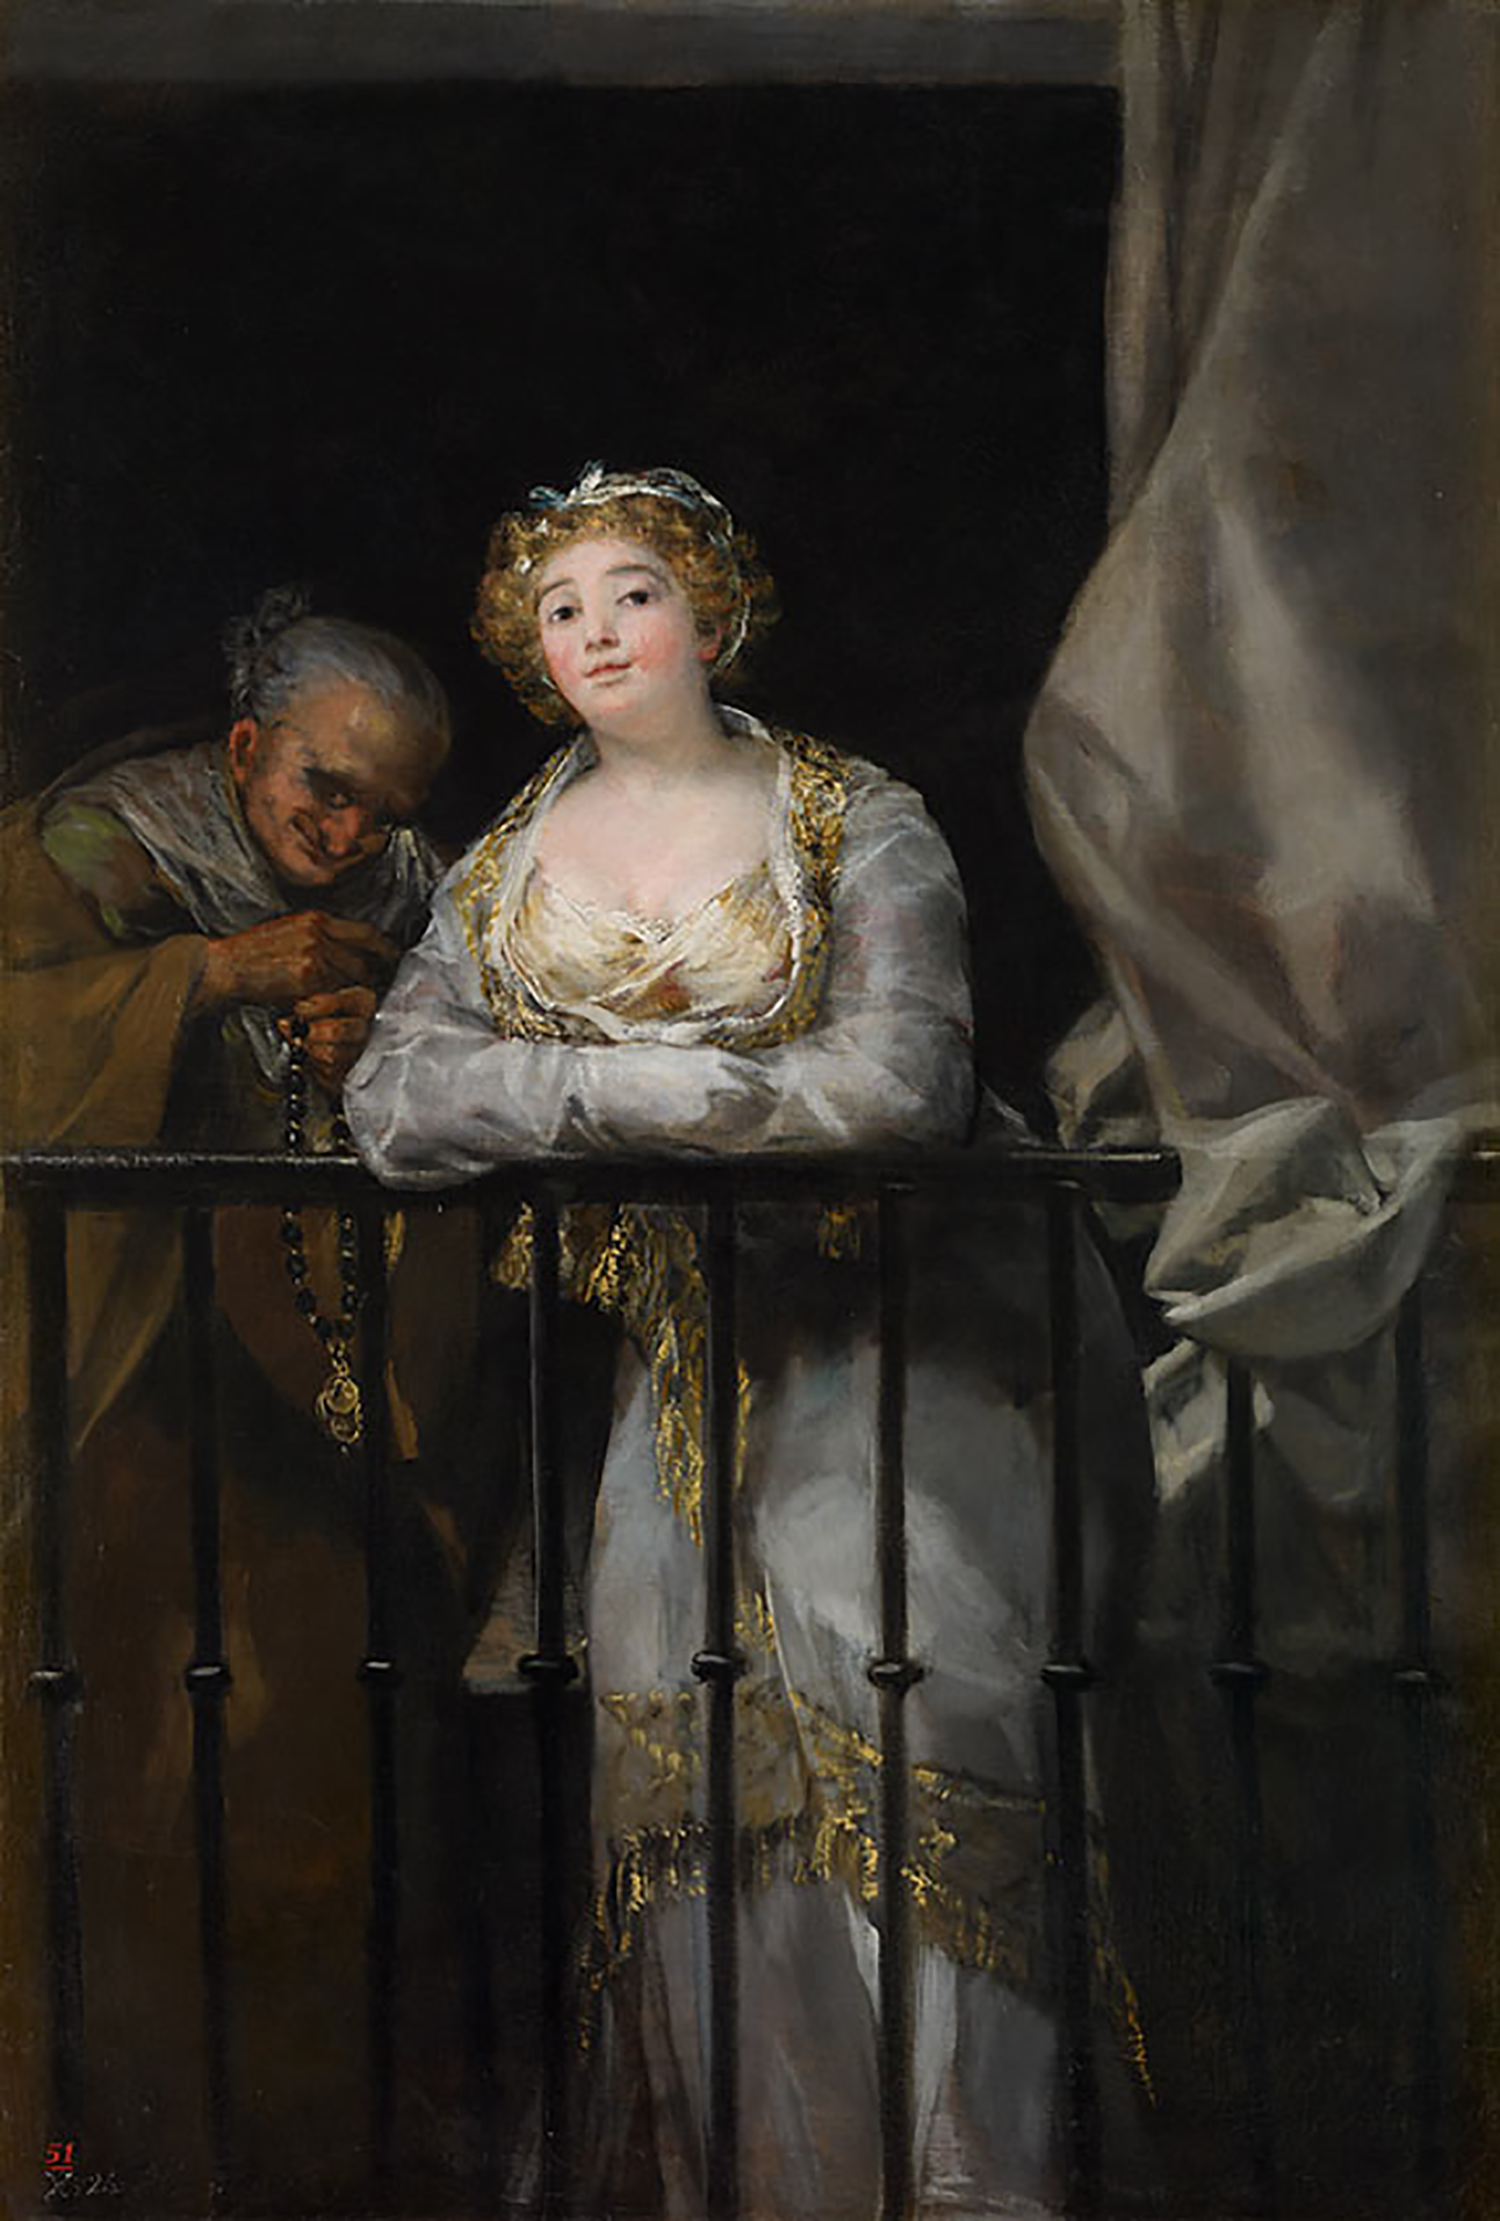 El Museo de Bellas Artes de Bilbao presenta la Colección Alicia Koplowitz